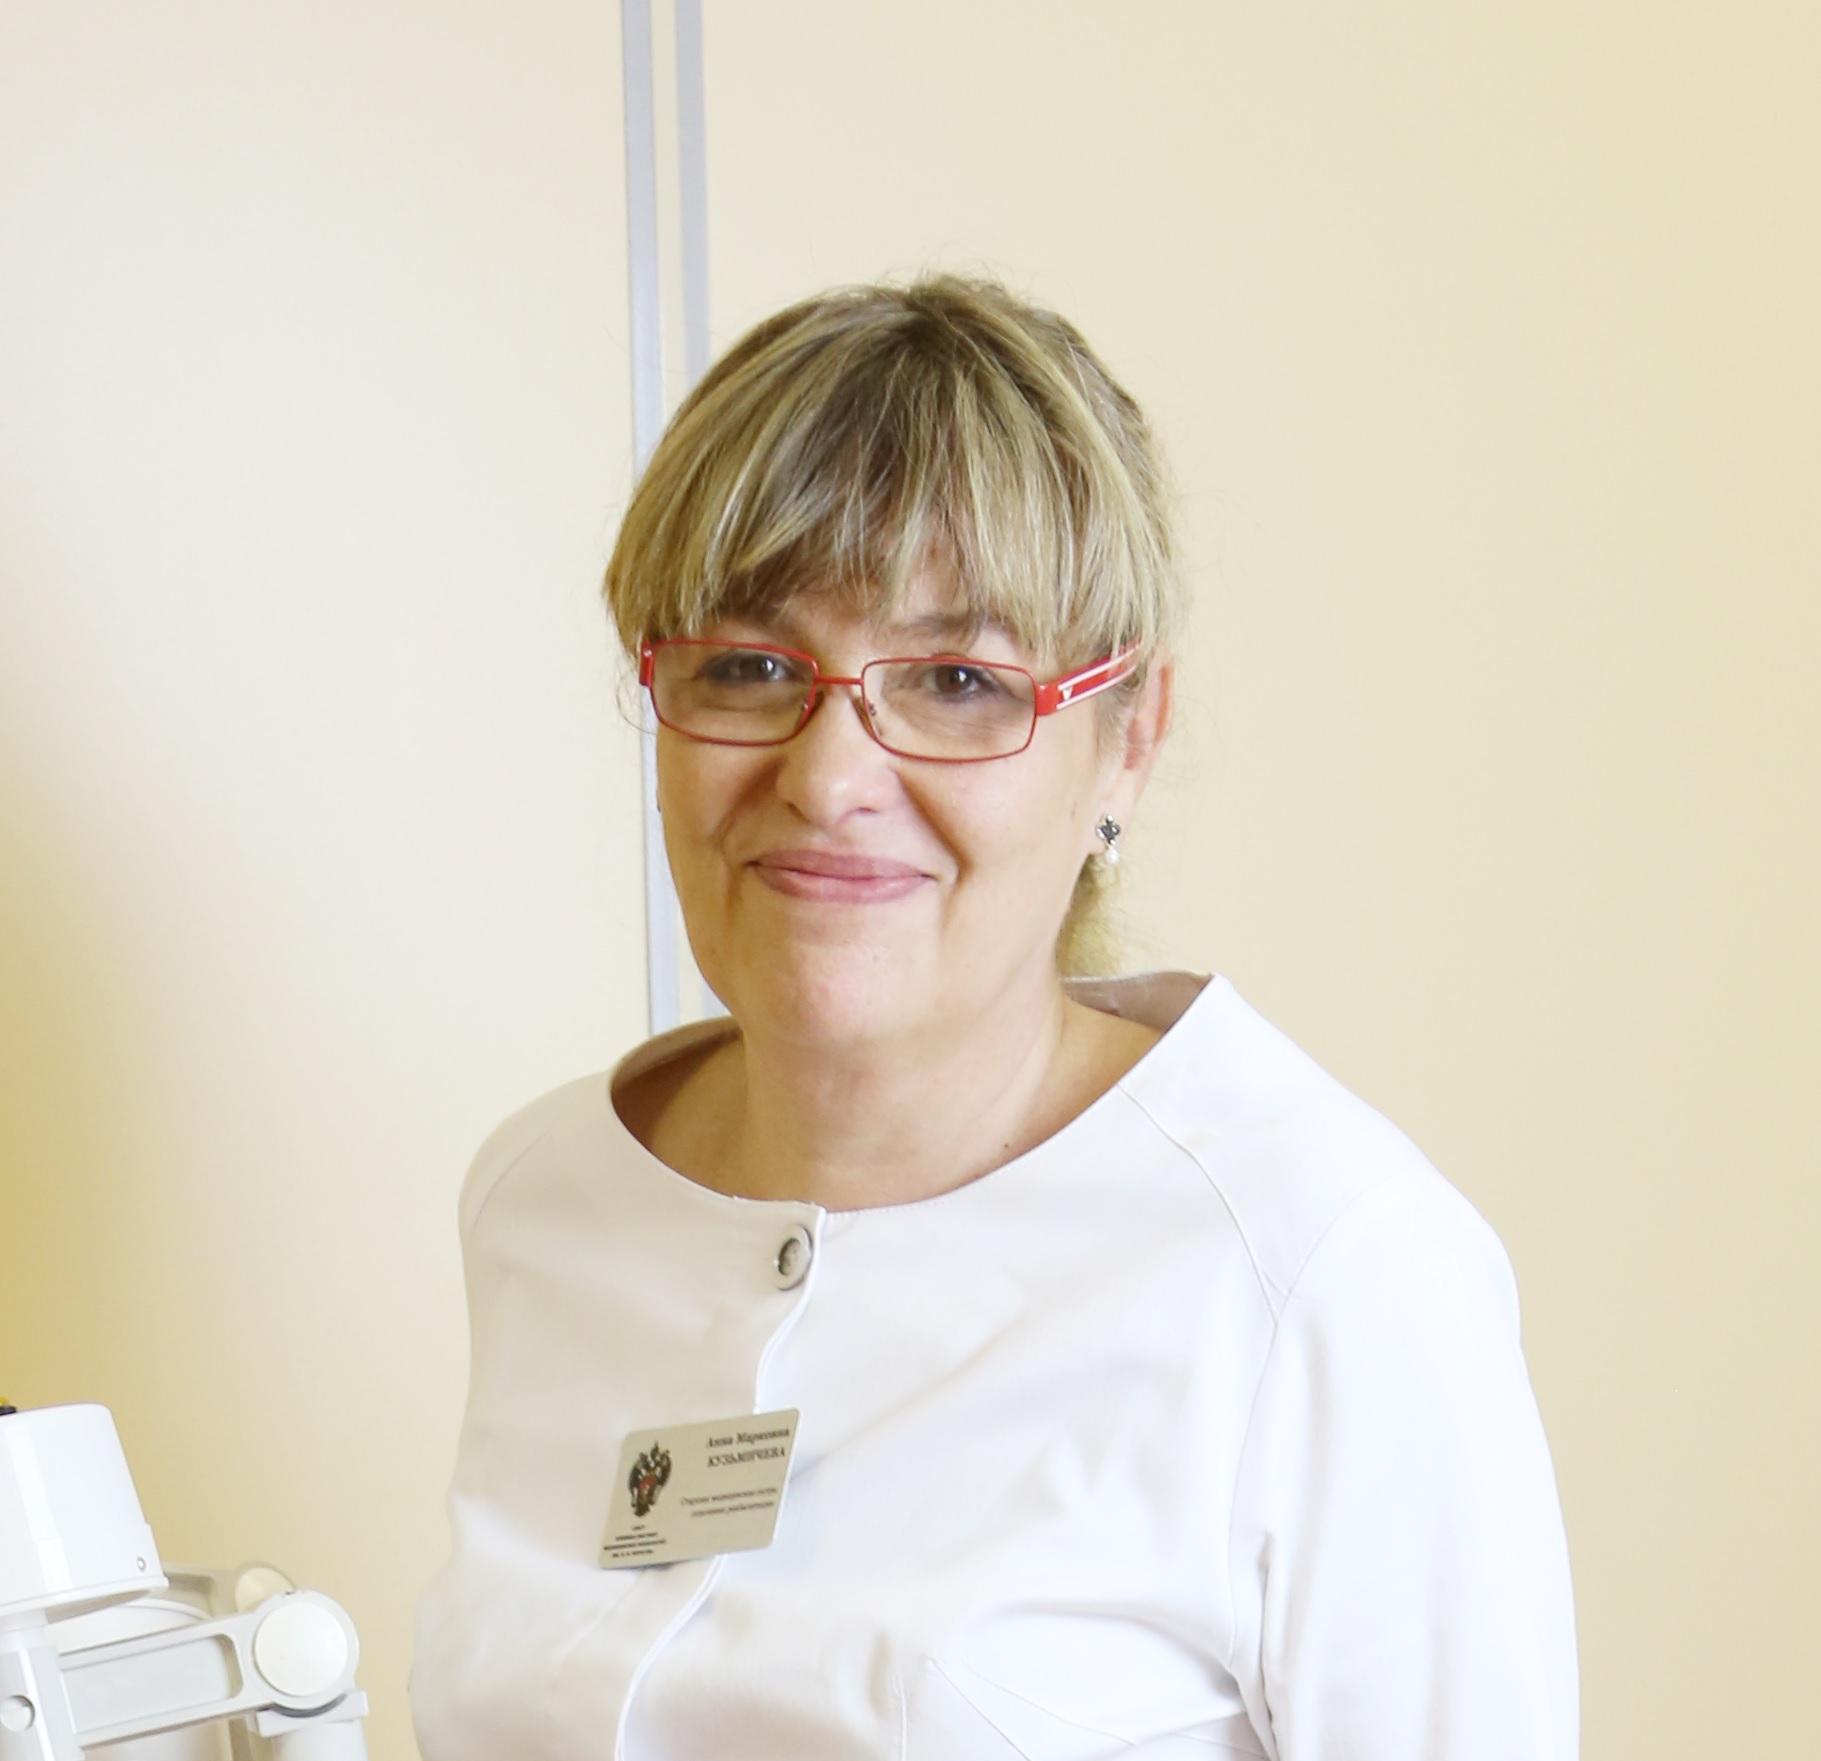 Кузьмичева Анна Марковна